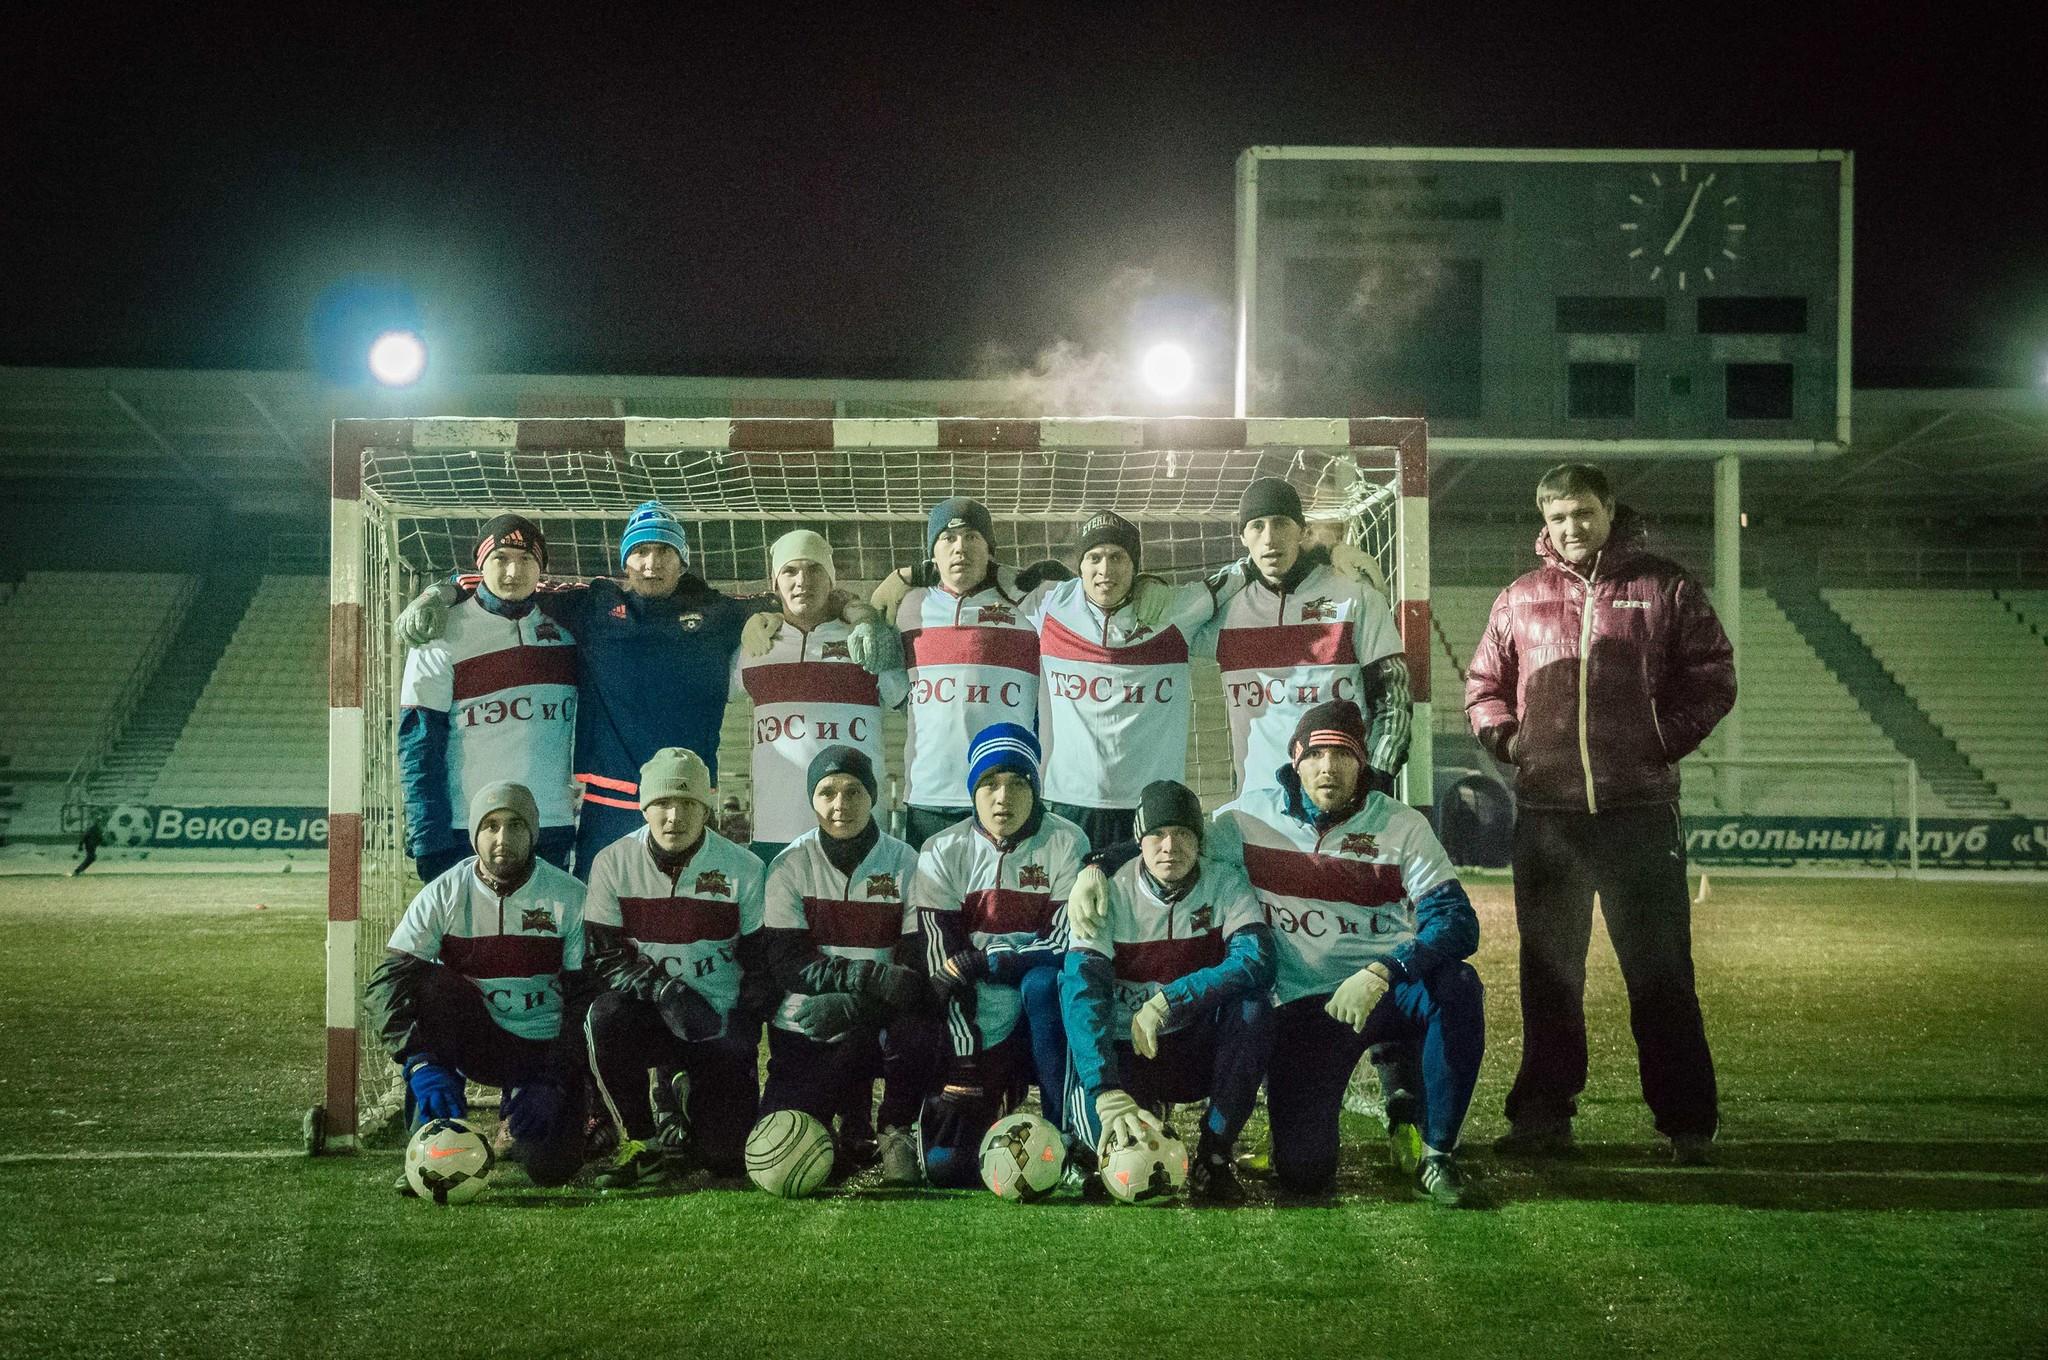 Поздравляем молодых футболистов